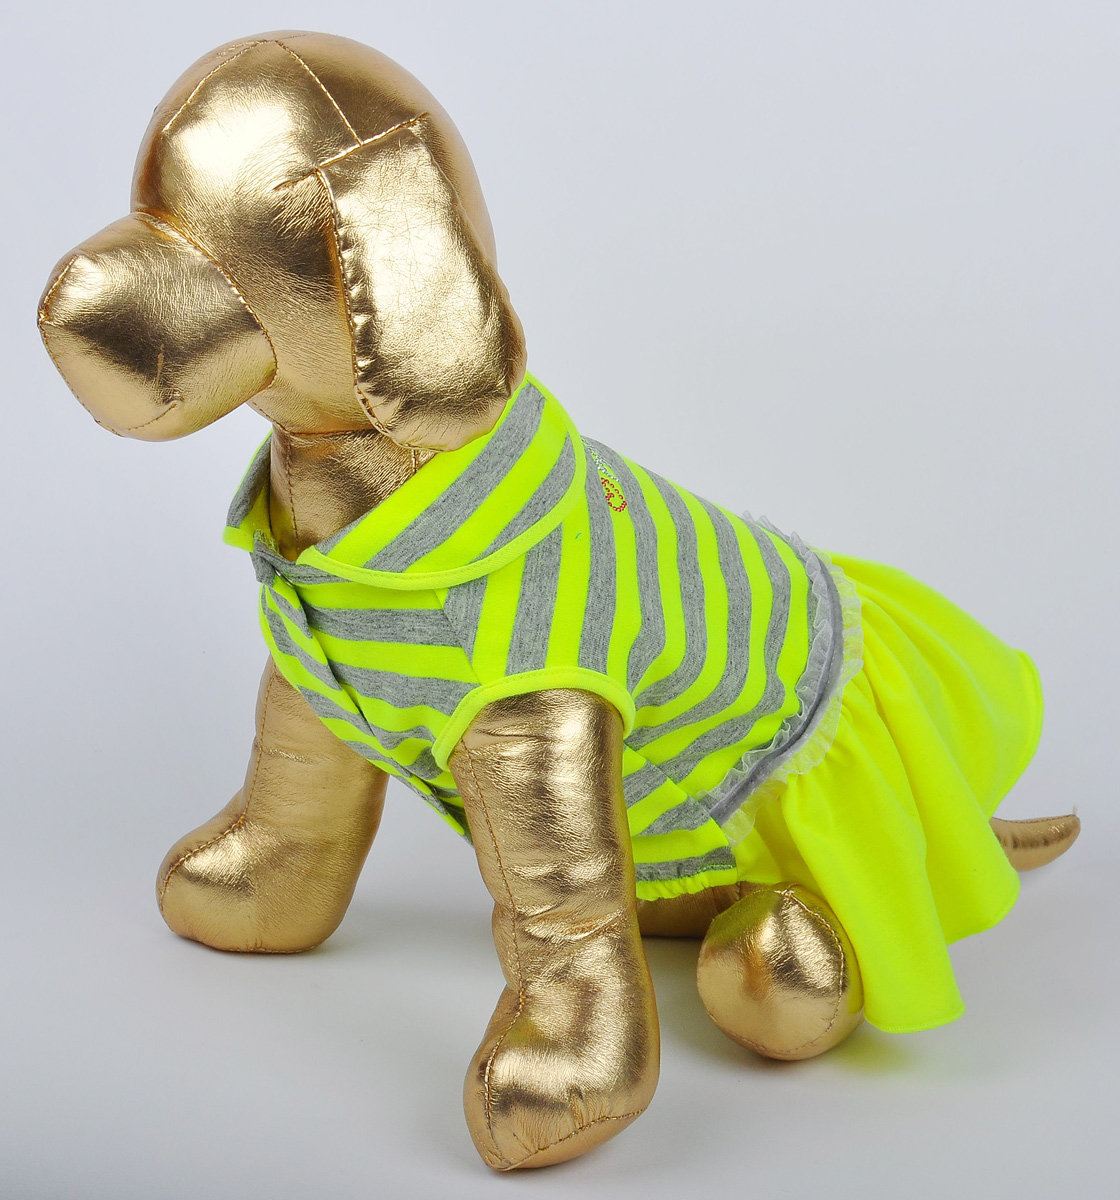 Платье для собак GLG Фэшн Ультра. Размер XSКсп-1065-бирюзовый-вставкаПлатье для собак GLG Фэшн Ультра выполнено из вискозы. Рукава не ограничивают свободу движений, и собачка будет чувствовать себя в нем комфортно. Изделие застегивается с помощью кнопок..Модное и невероятно удобное платье защитит вашего питомца от пыли и насекомых на улице, согреет дома или на даче. Длина спины: 19-21 см Обхват груди: 26-28 см.